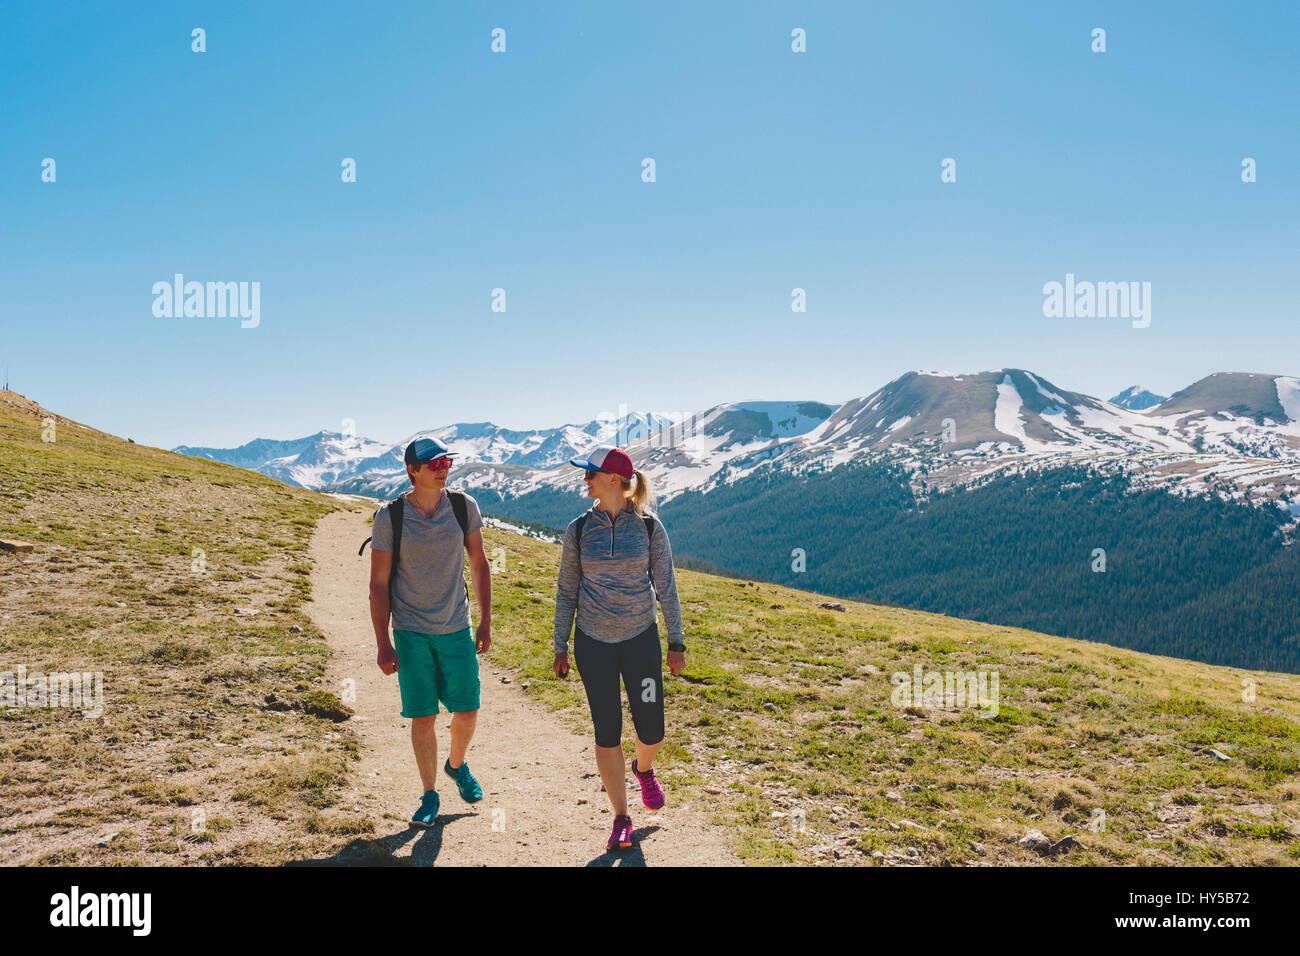 Usa, Colorado, Rocky Mountain National Park, deux personnes randonnée en montagne Photo Stock